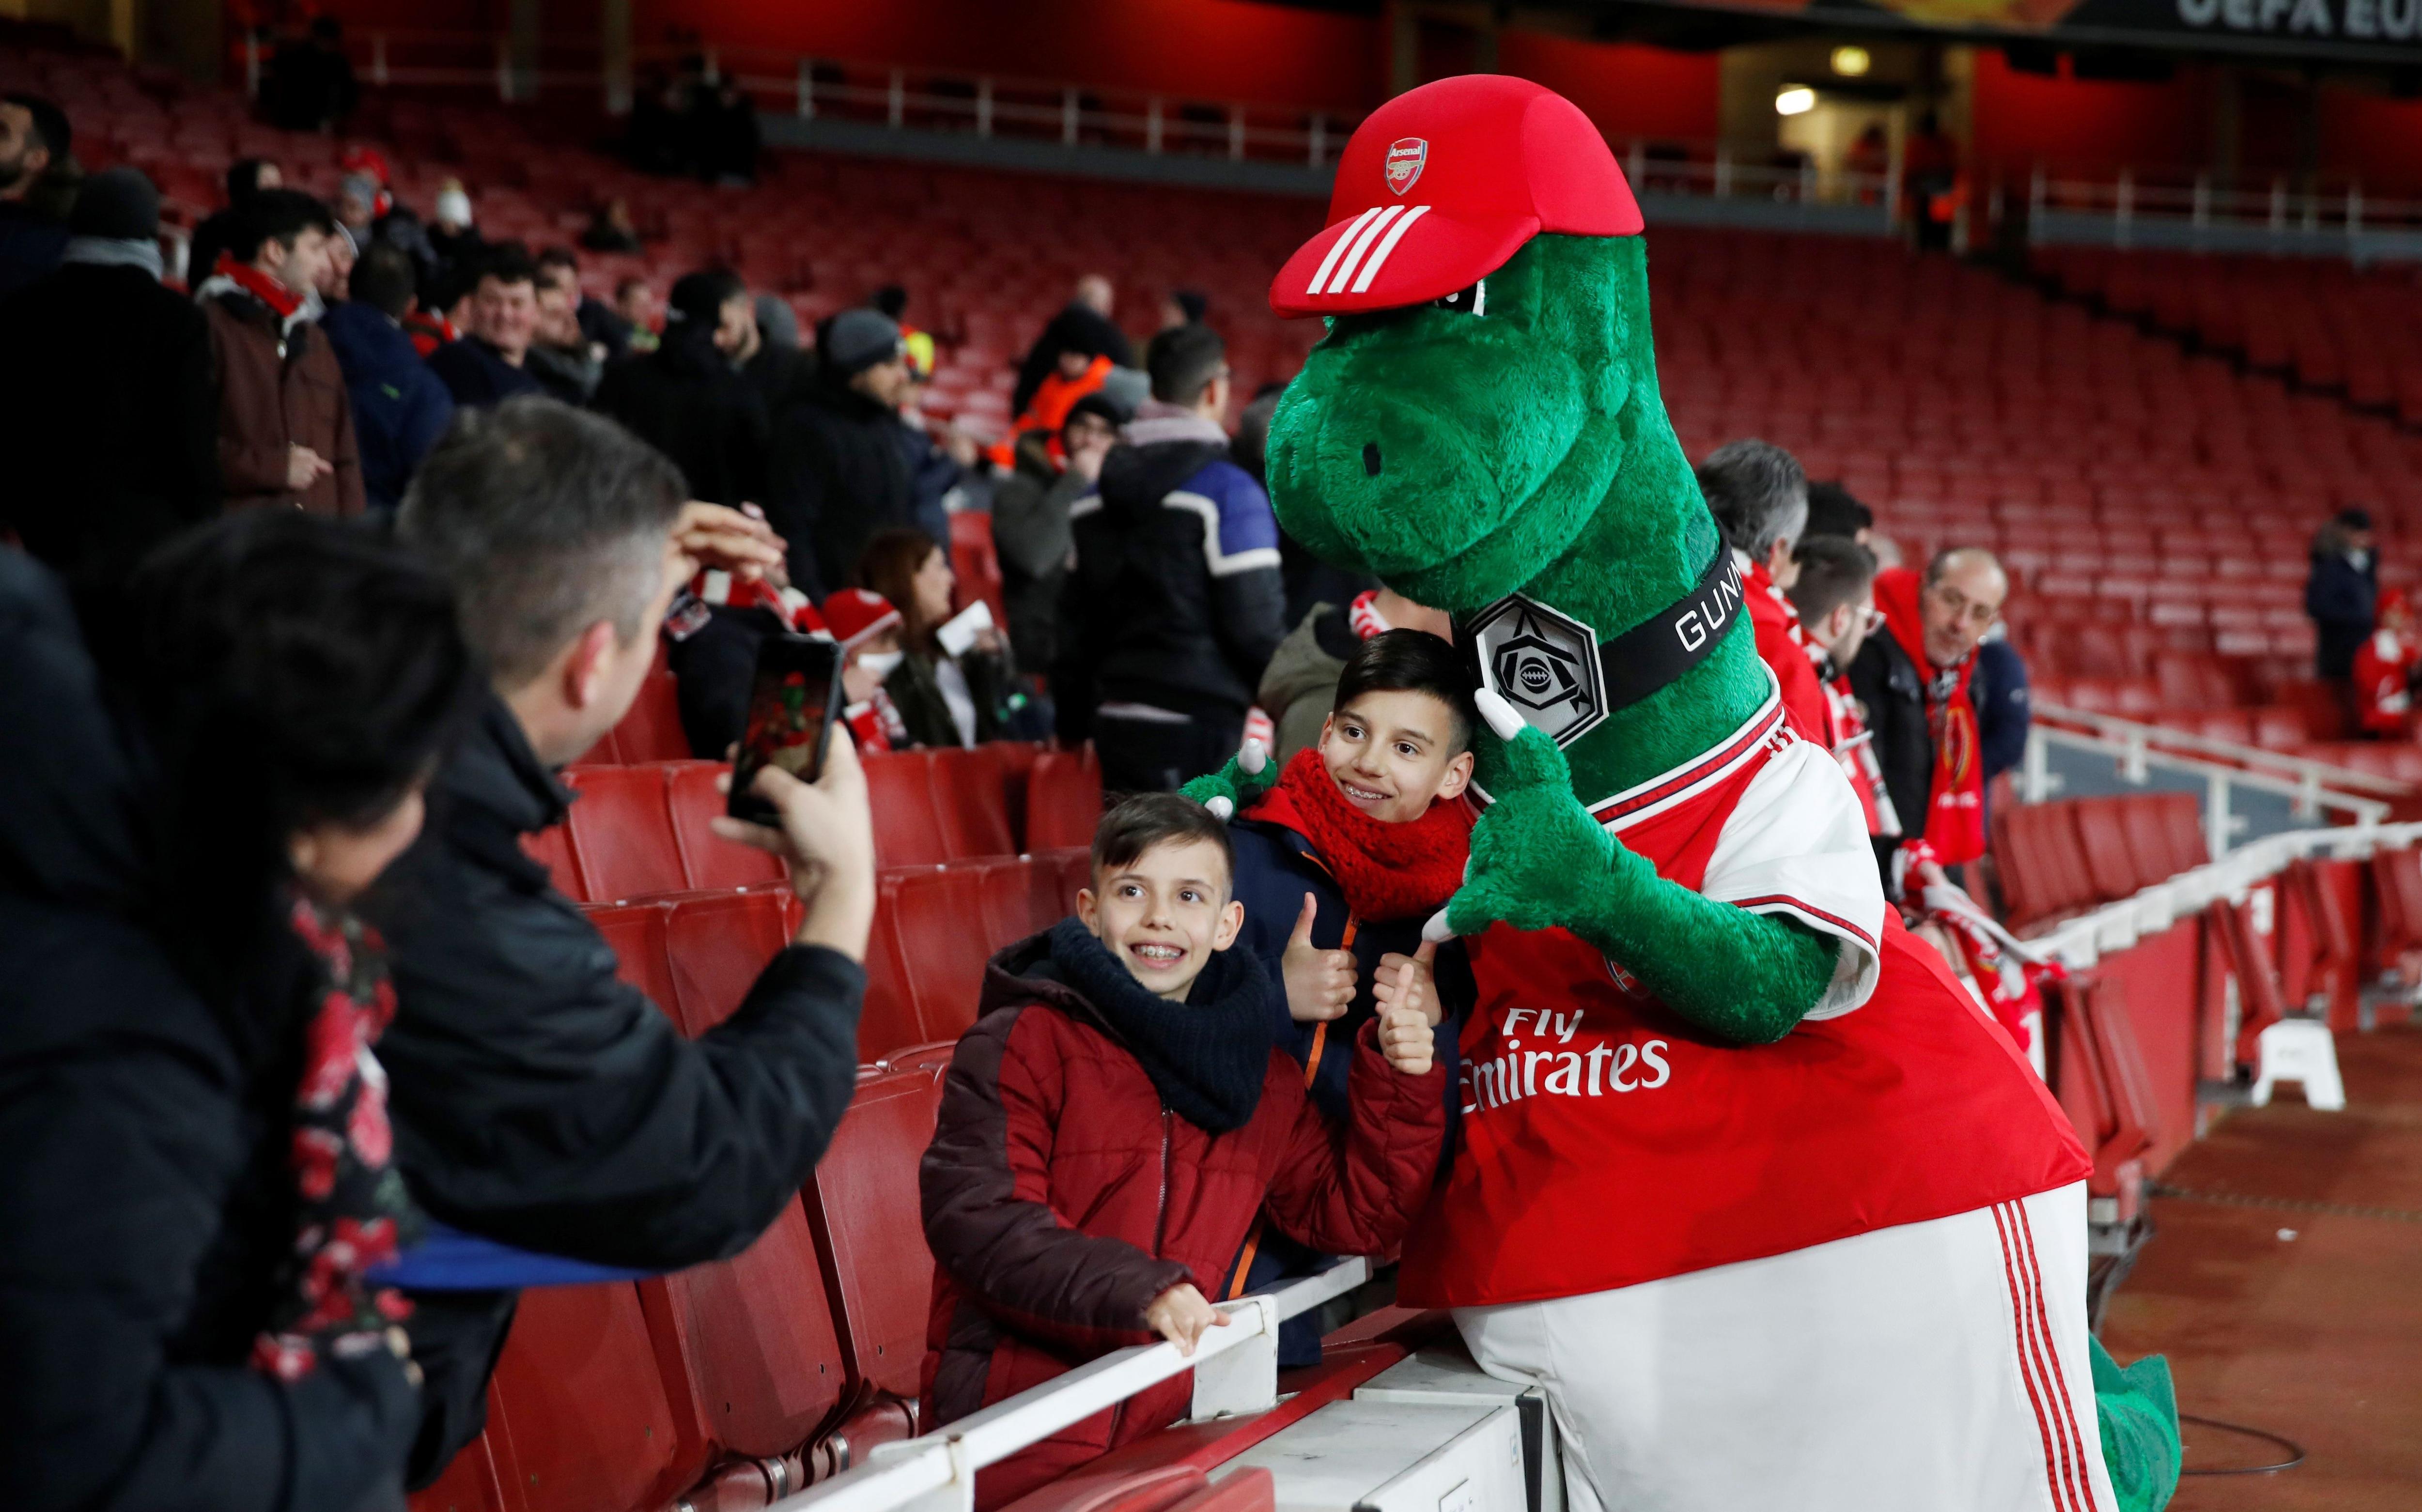 Los niños ya no podrán disfrutar de Gunnersaurus, porque el club necesita ahorrar dinero (Reuters)